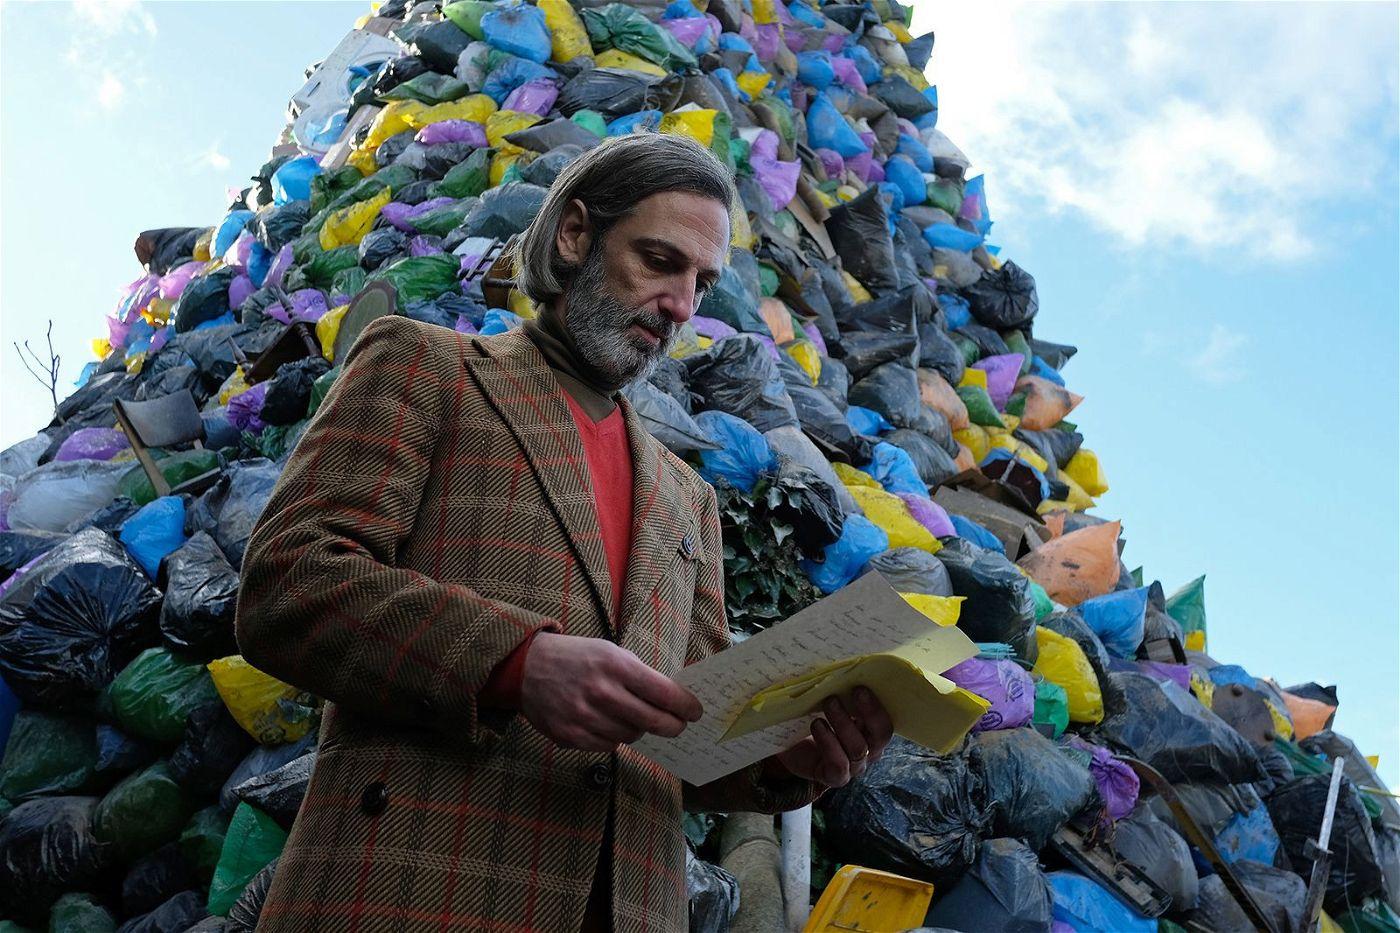 Dr. Sanagustin (Ernesto Alterio) beginnt seine Geschichte mit einem enormen Müllberg.